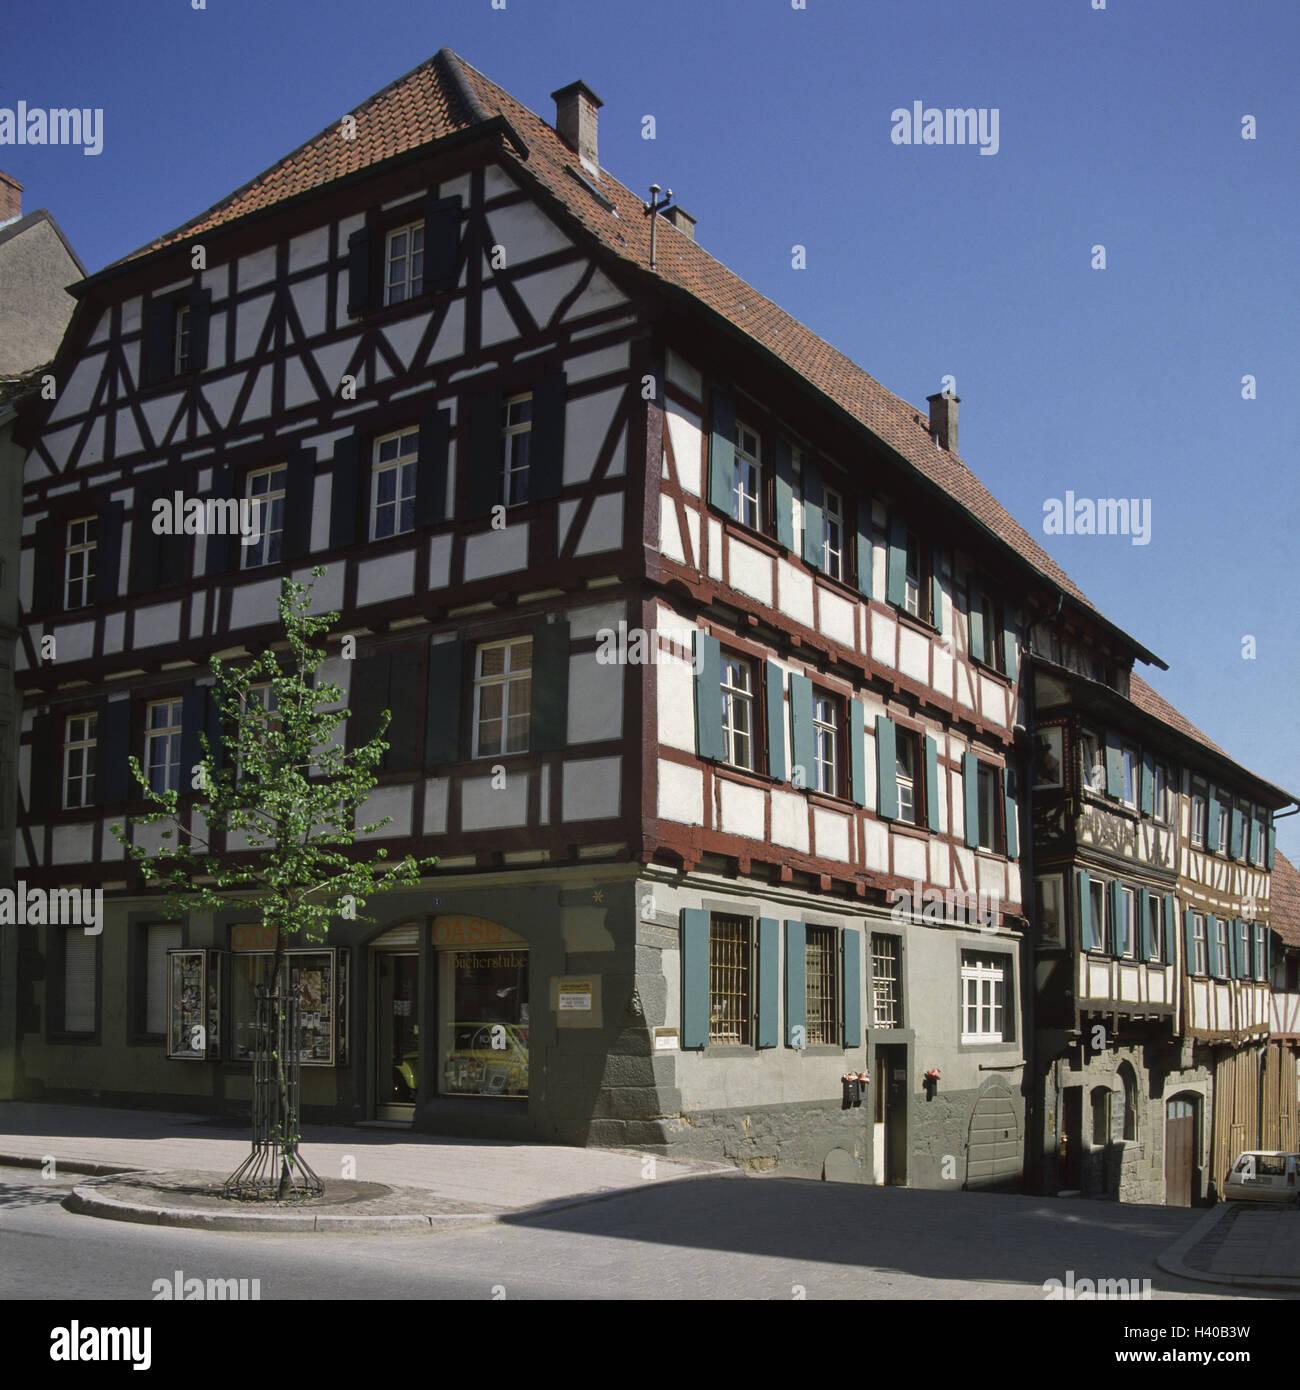 Haus Bild: Deutschland, Baden-Wurttemberg, Eppingen, Old Town